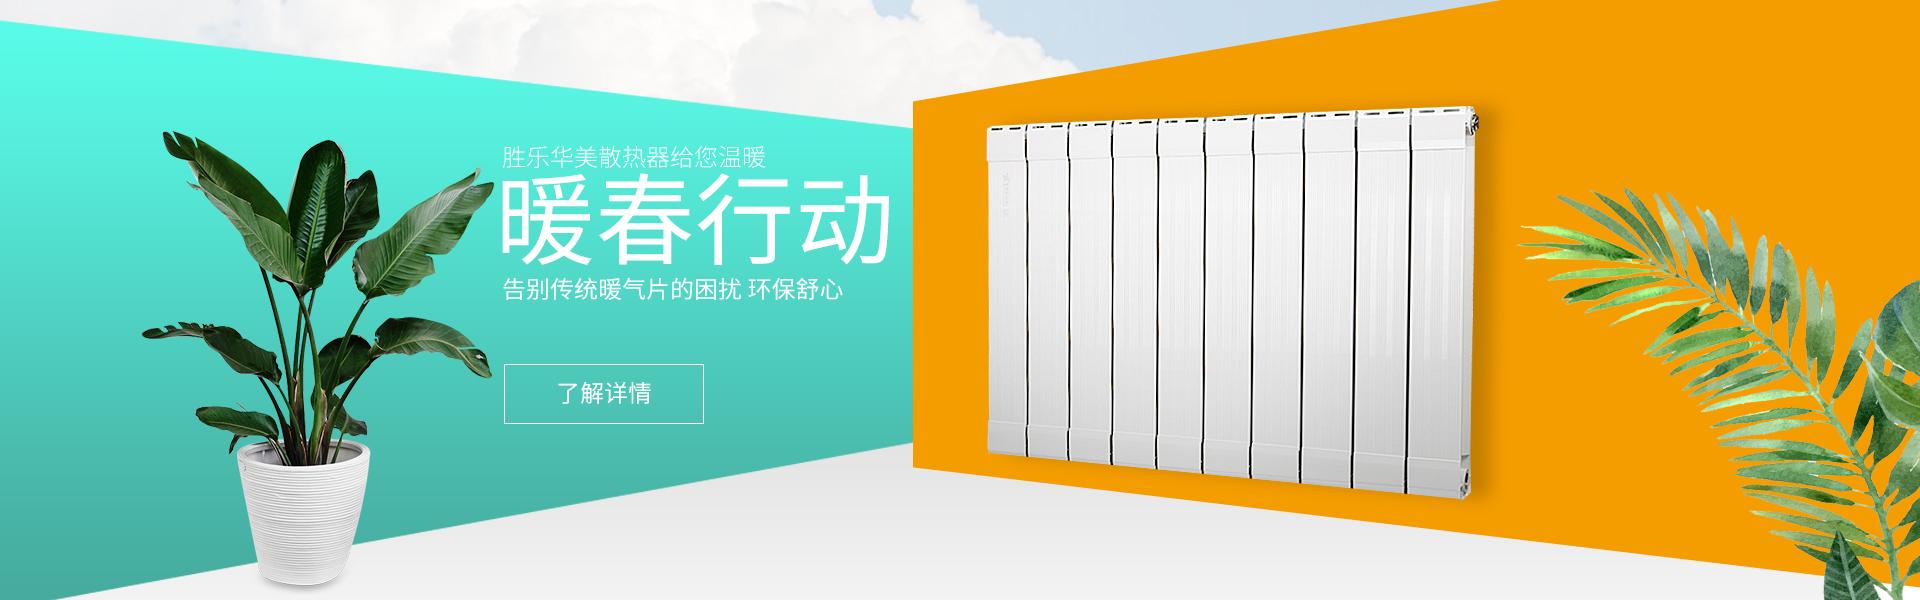 山東暖氣片廠家,銅鋁散熱器廠家,鋼鋁散熱器廠家,鋁合金暖氣片廠家